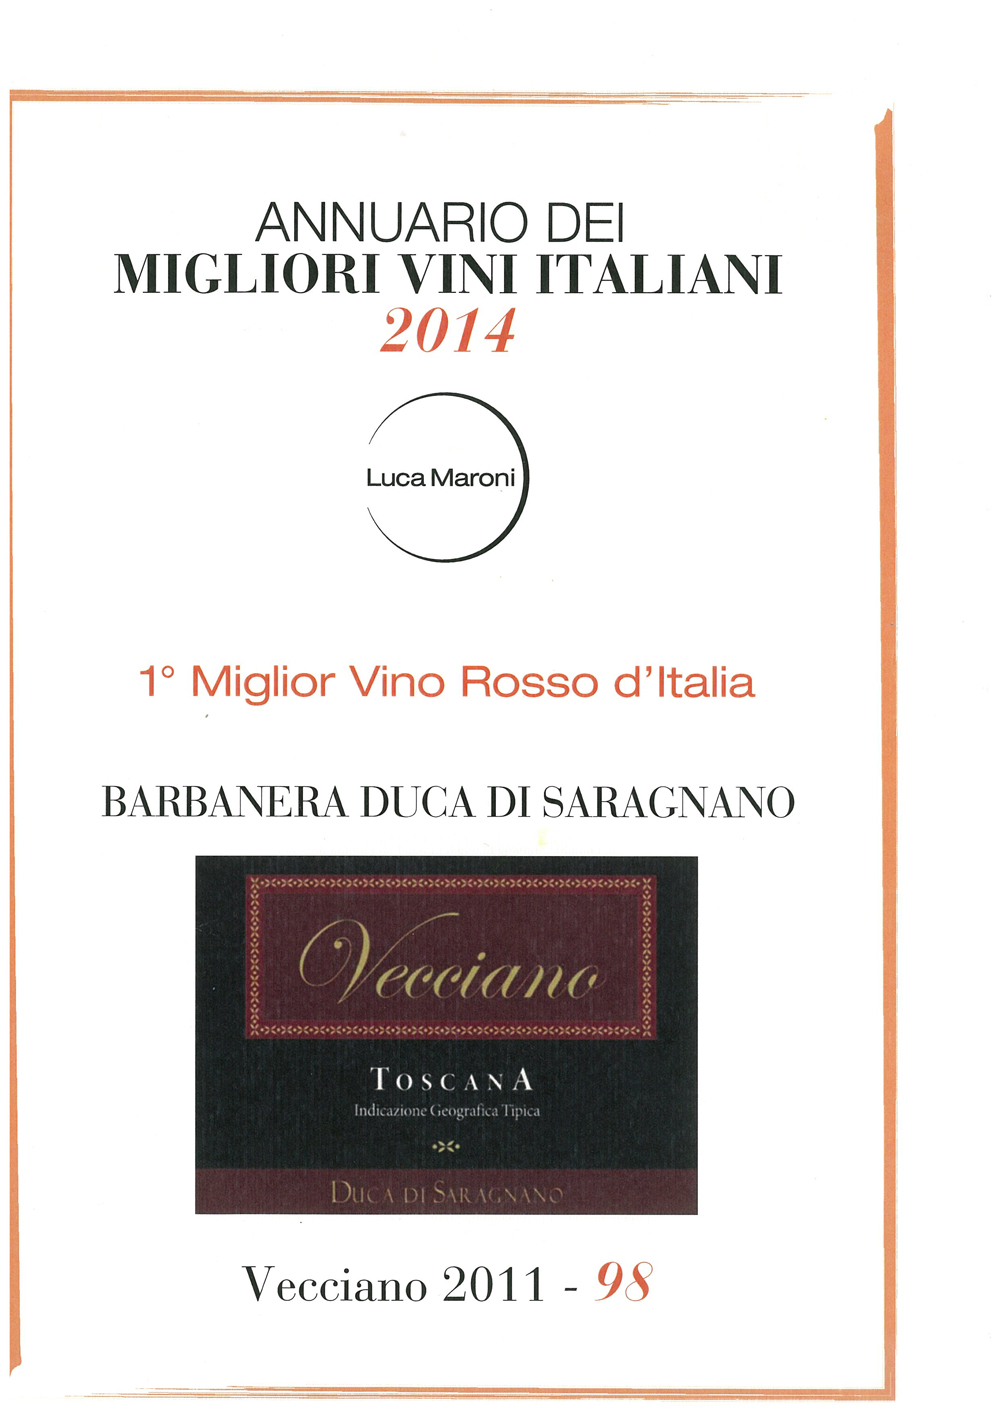 Miglior Vino Rosso d'Italia 2014